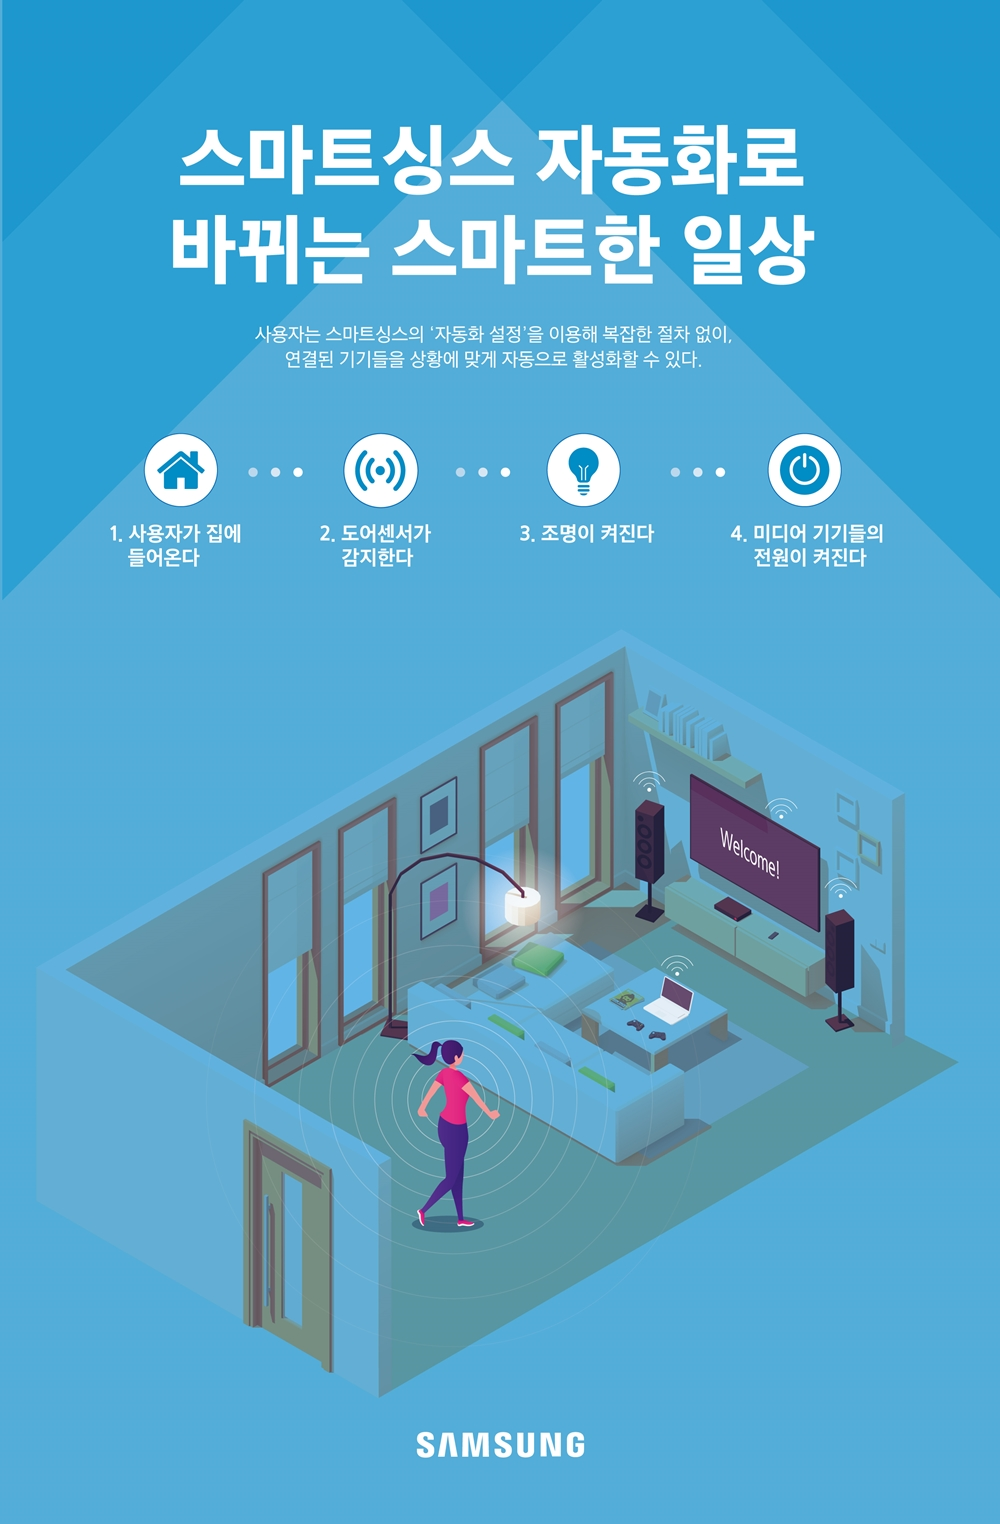 스마트싱스 자동화로 바뀌는 스마트한 일상 사용자는 스마트싱스의 '자동화 설정'을 이용해 복잡한 절차 없이, 연결된 기기들을 상황에 맞게 자동으로 활성화할 수 있다. 1. 사용자가 집에 들어온다. 2. 도어 센서가 감지한다. 3. 조명이 켜진다. 4. 미디어 기기들의 전원이 켜진다. SAMSUNG